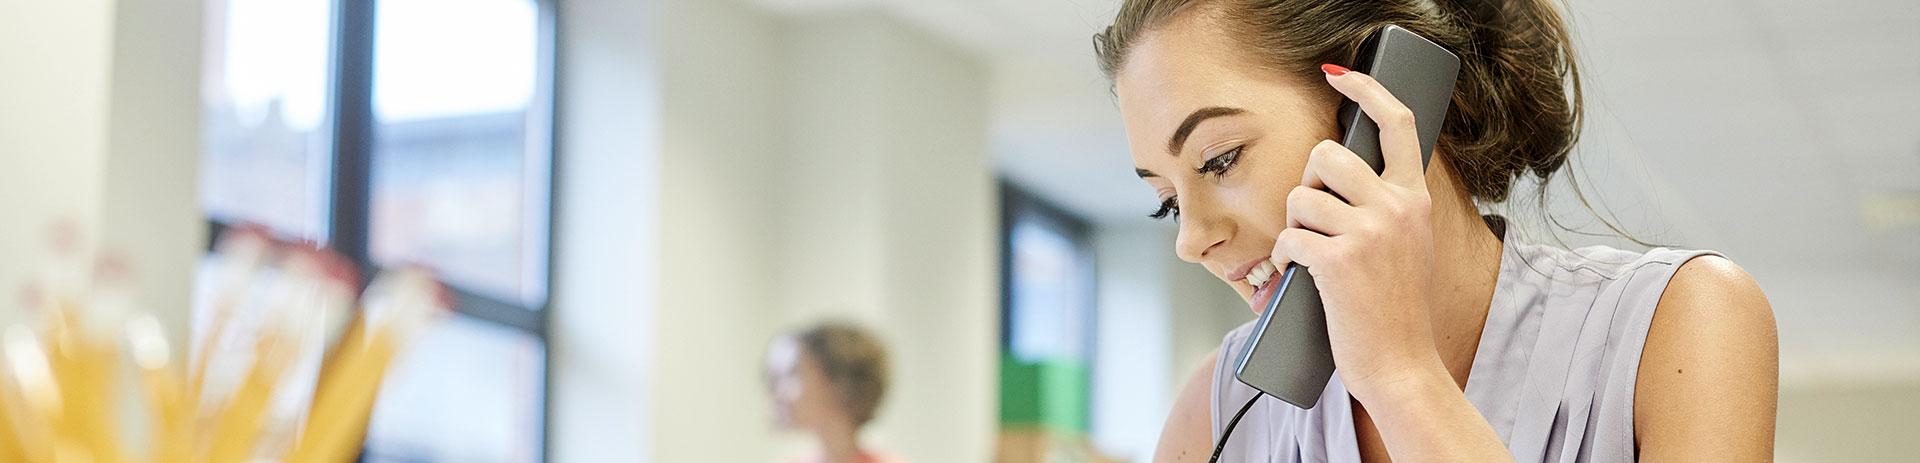 Frau hält Festnetz-Hörer zum Ohr